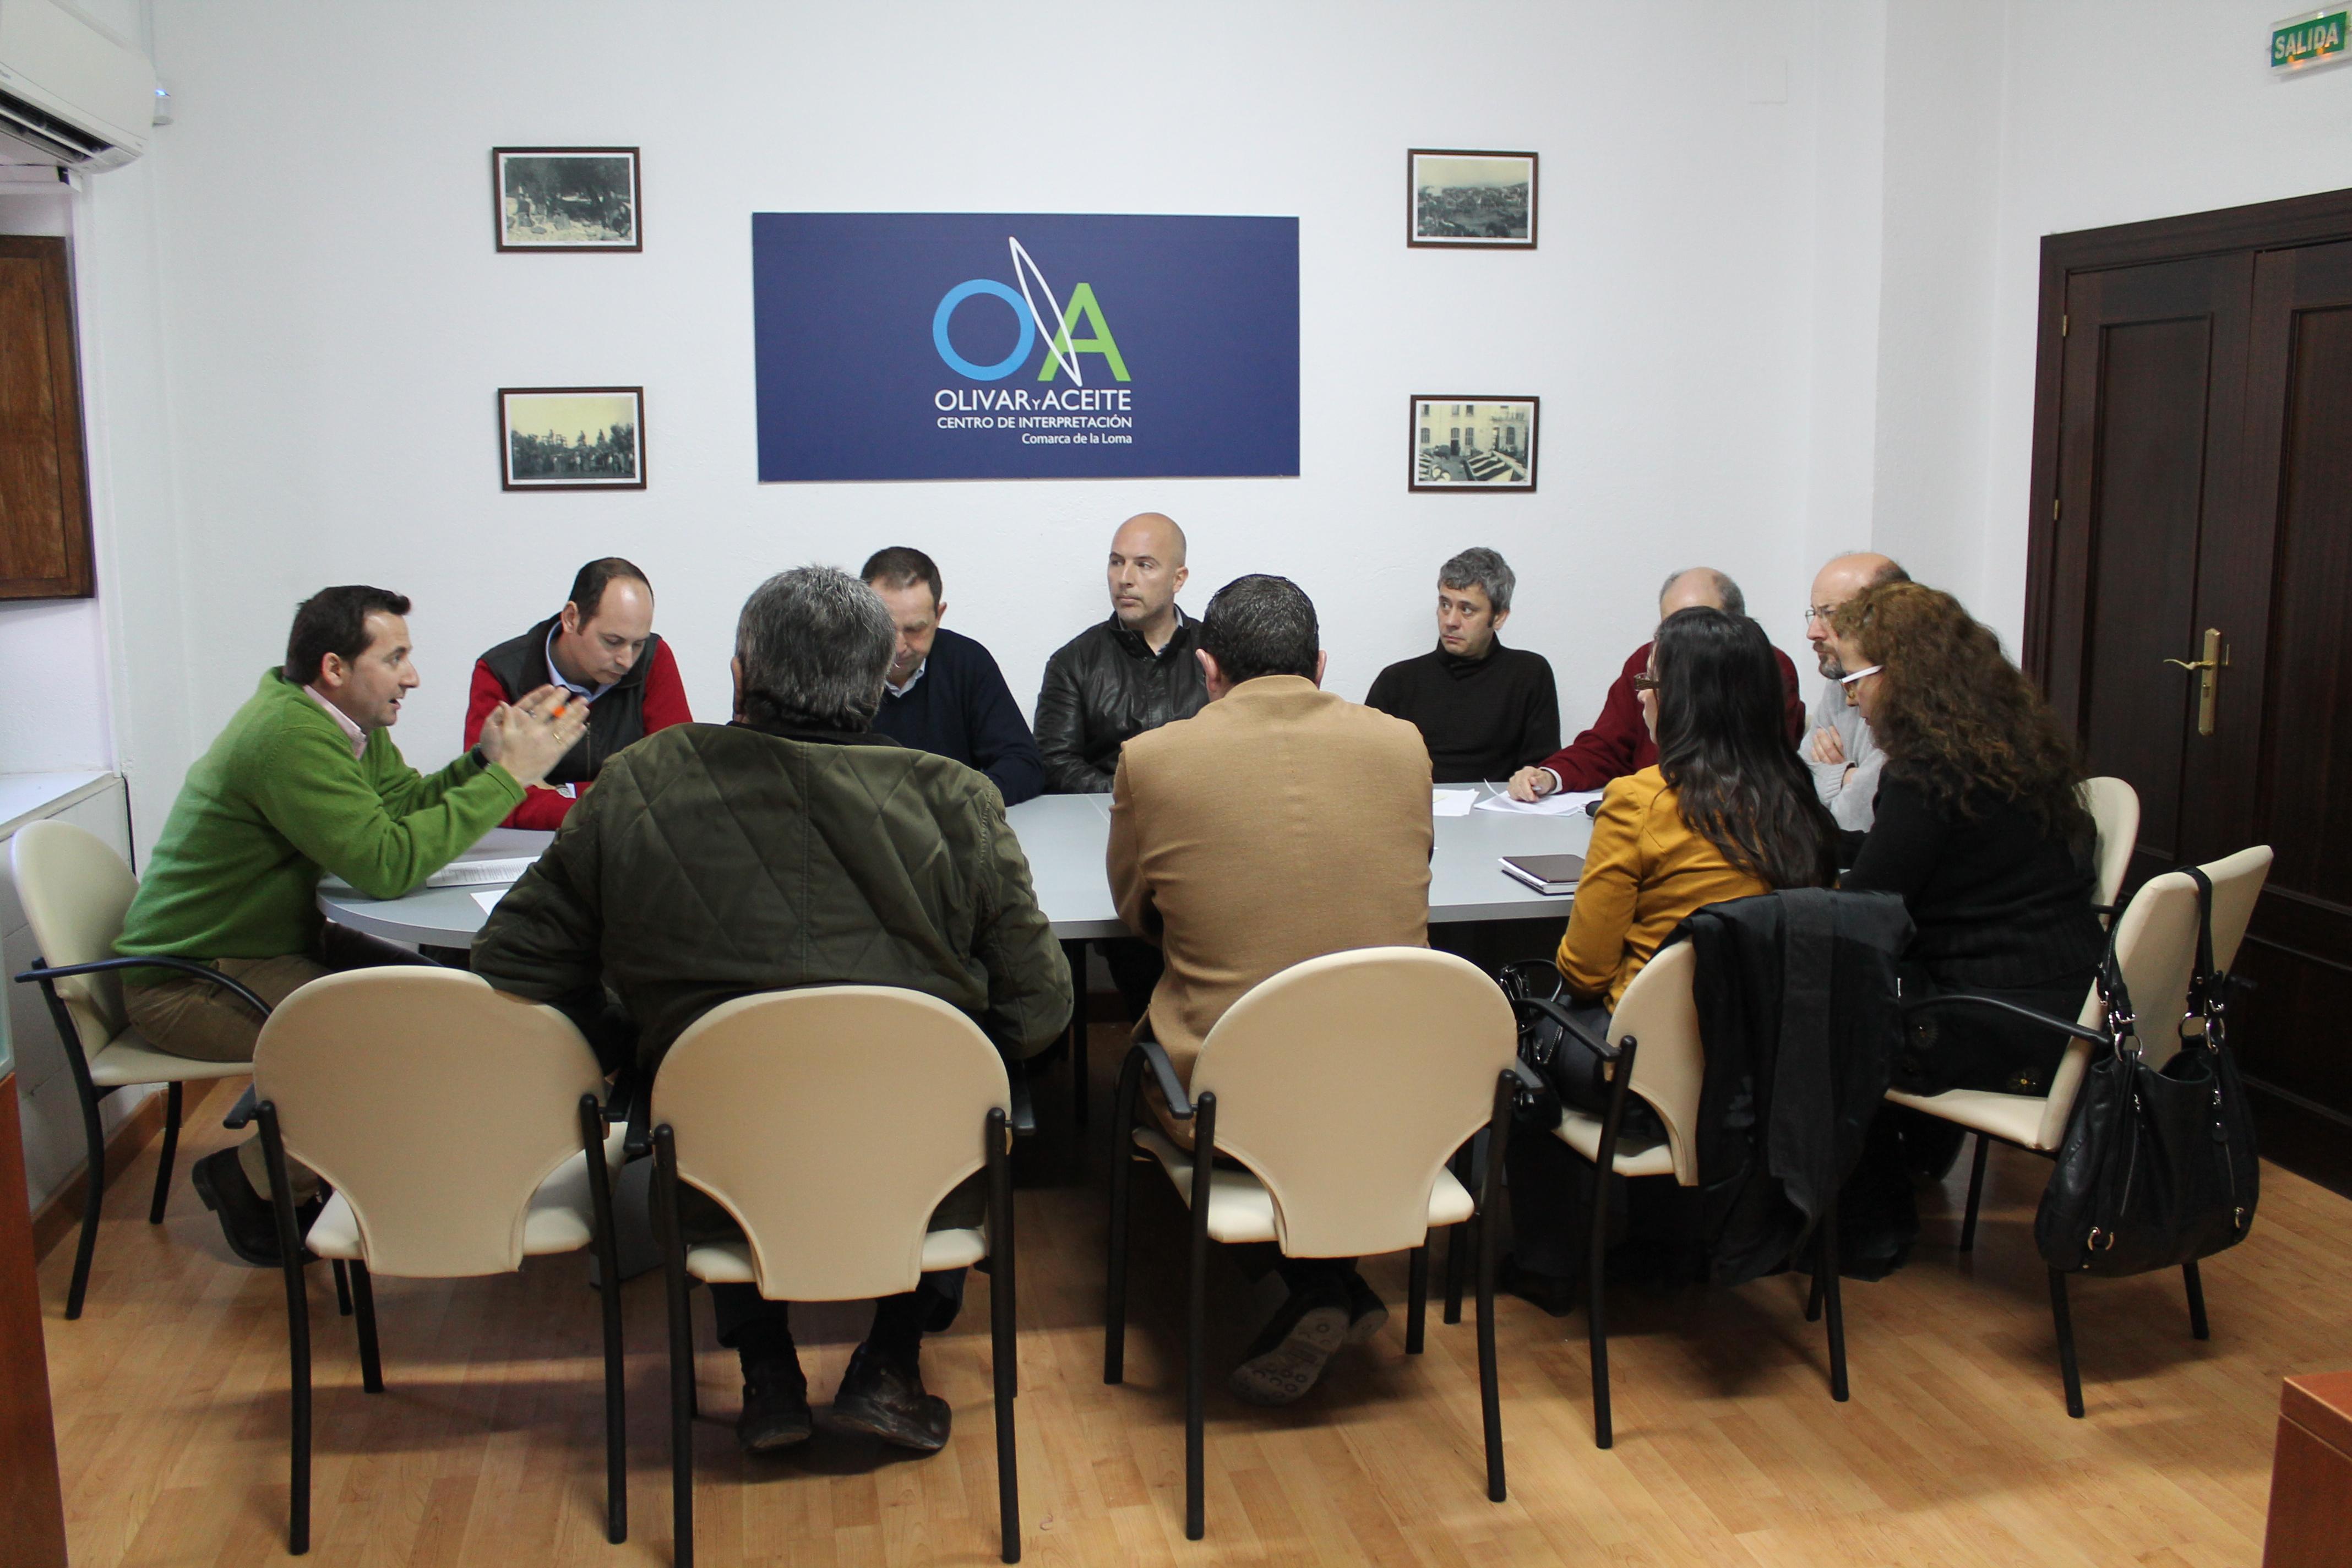 Se constituye la Asociación 'Olivar y Aceite' que gestionará el Centro.